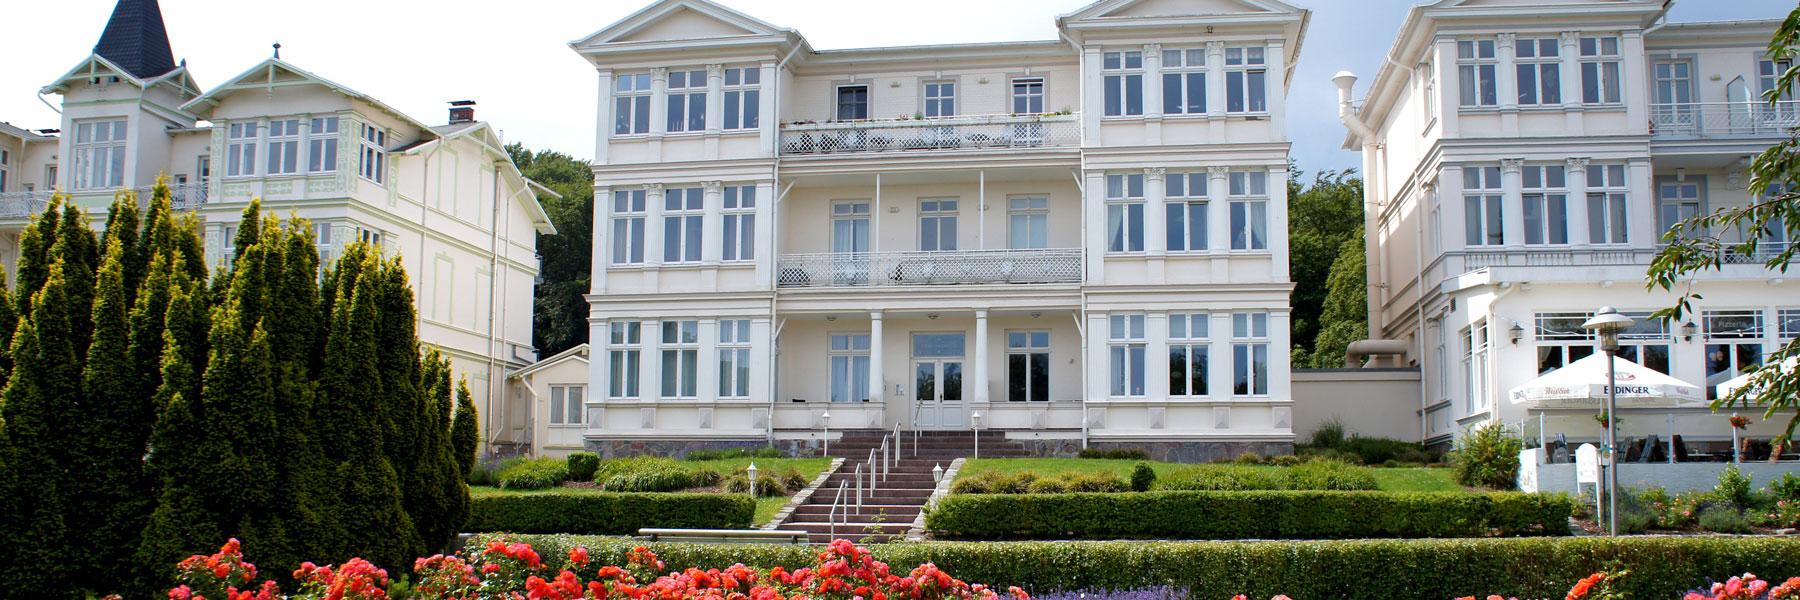 Bäderarchitektur - Ostseebad Zinnowitz